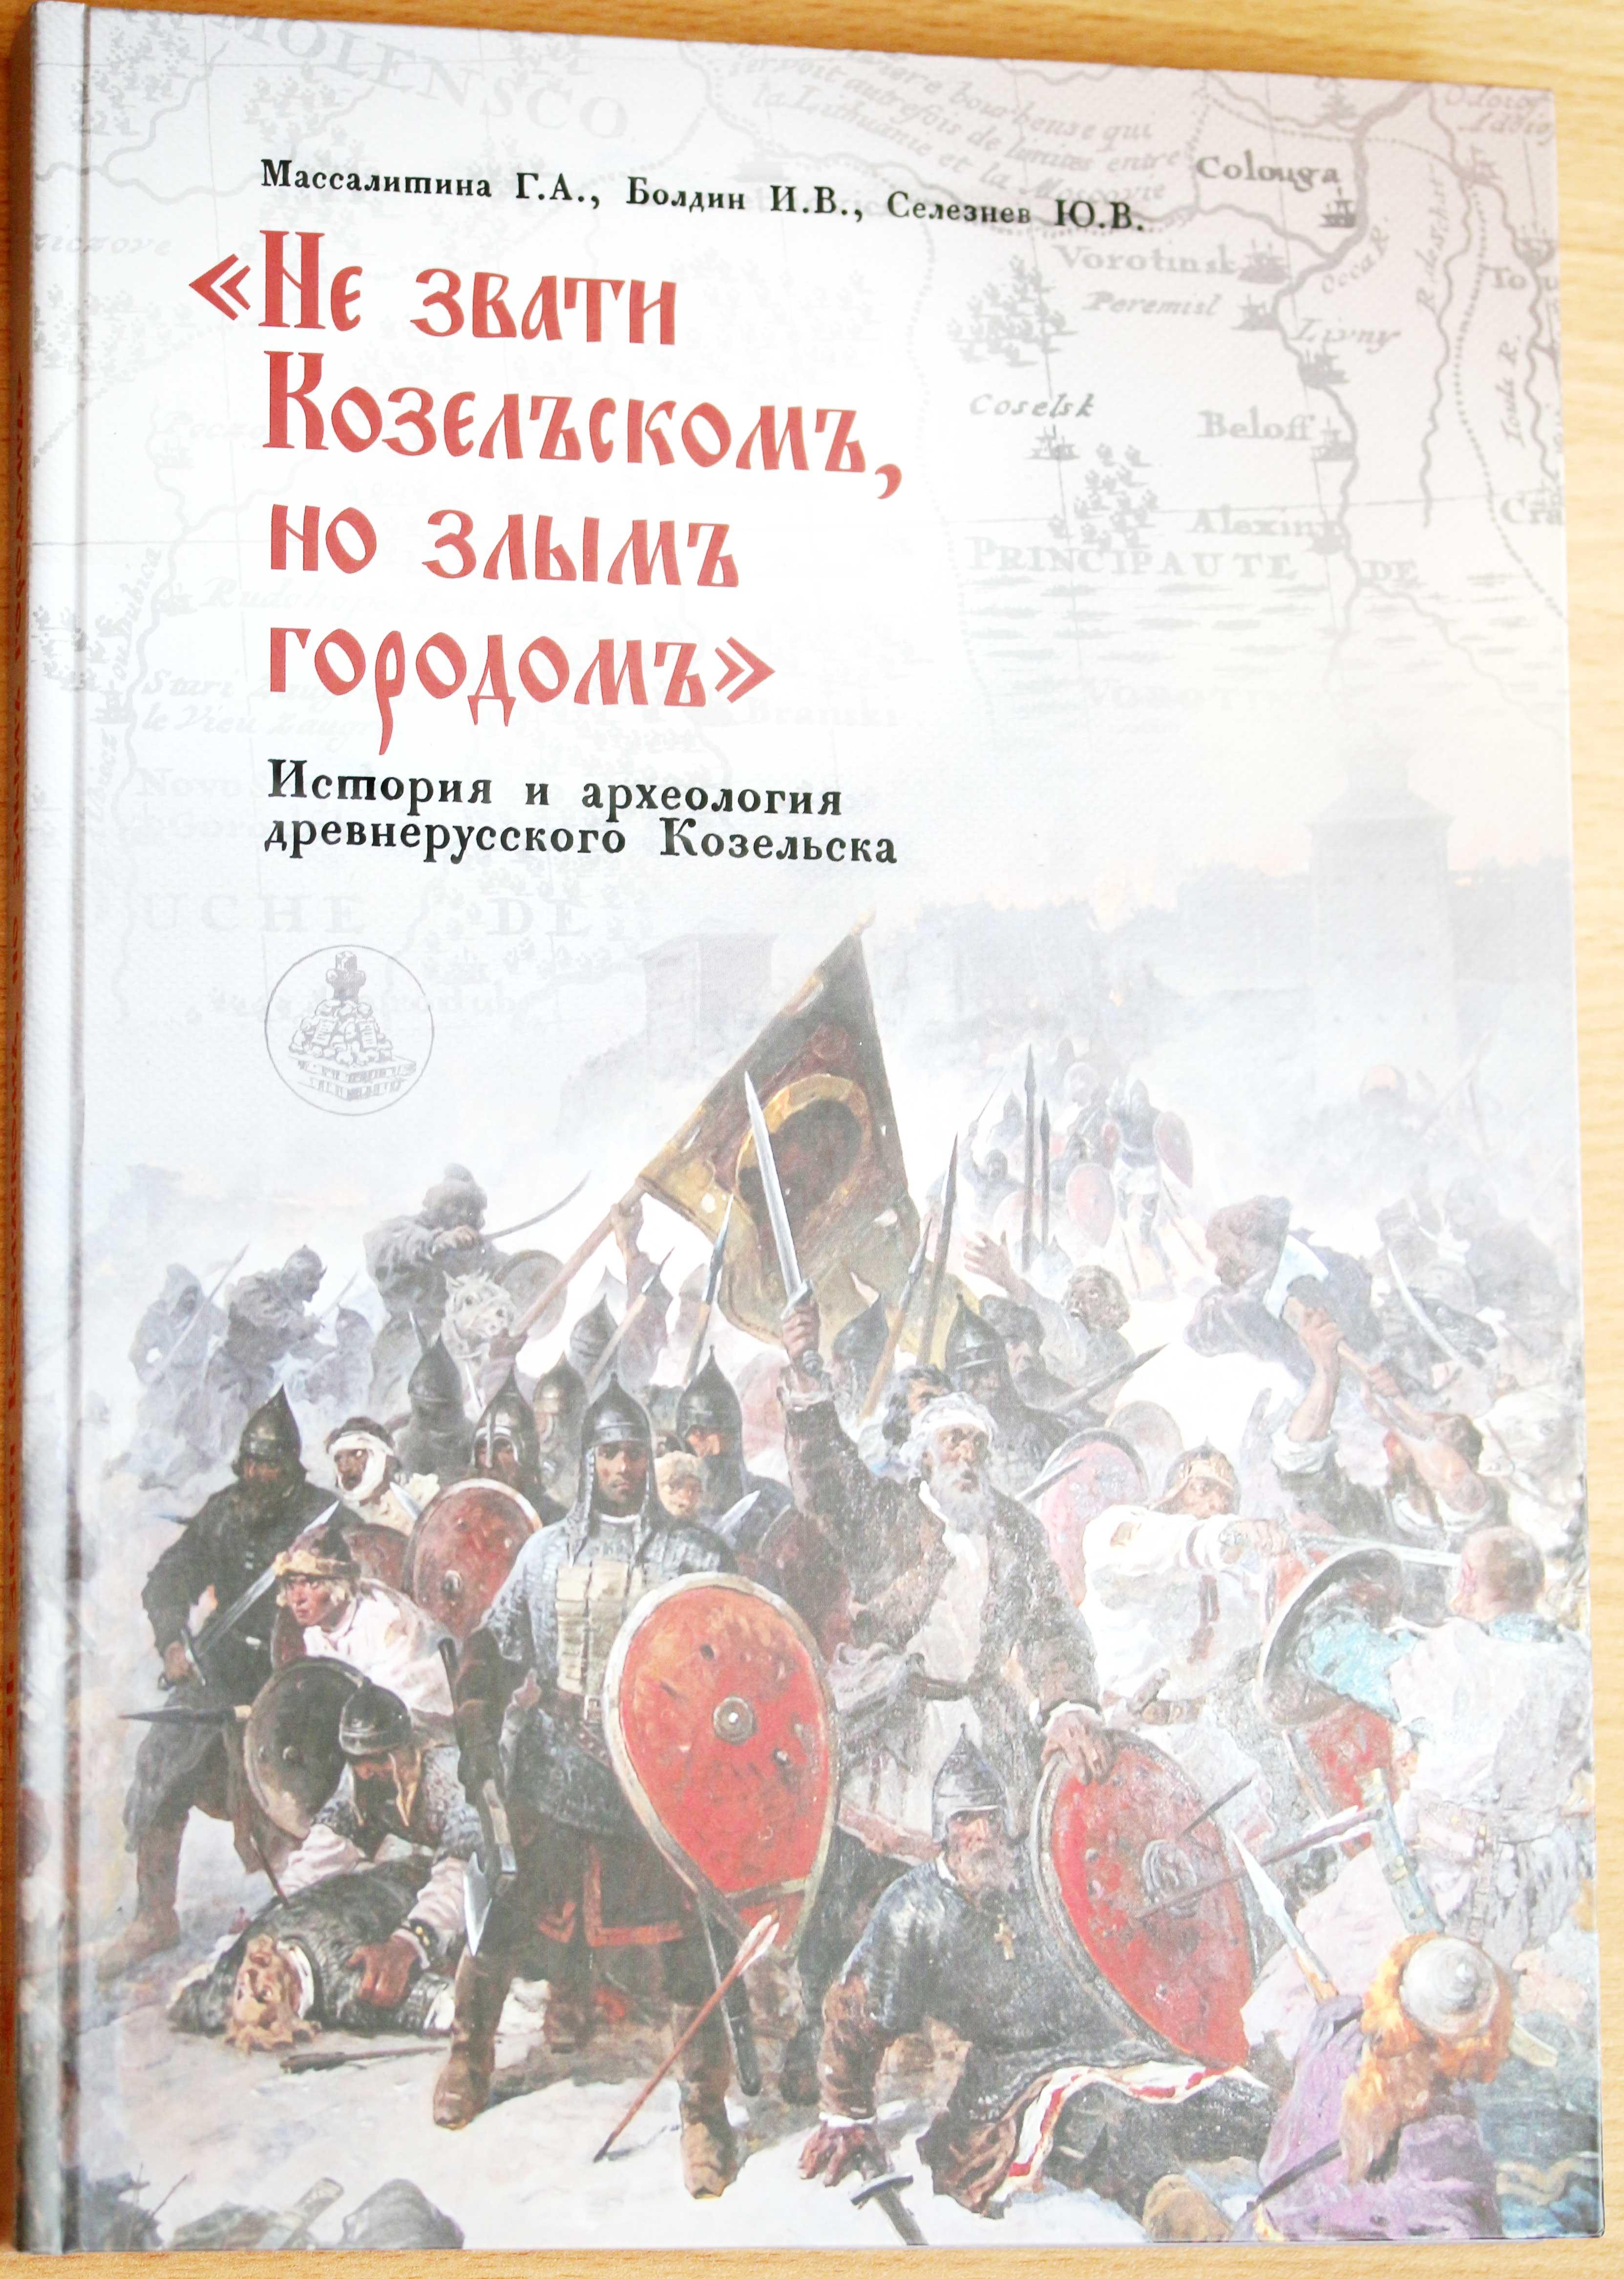 Книга о Козельске презентационная